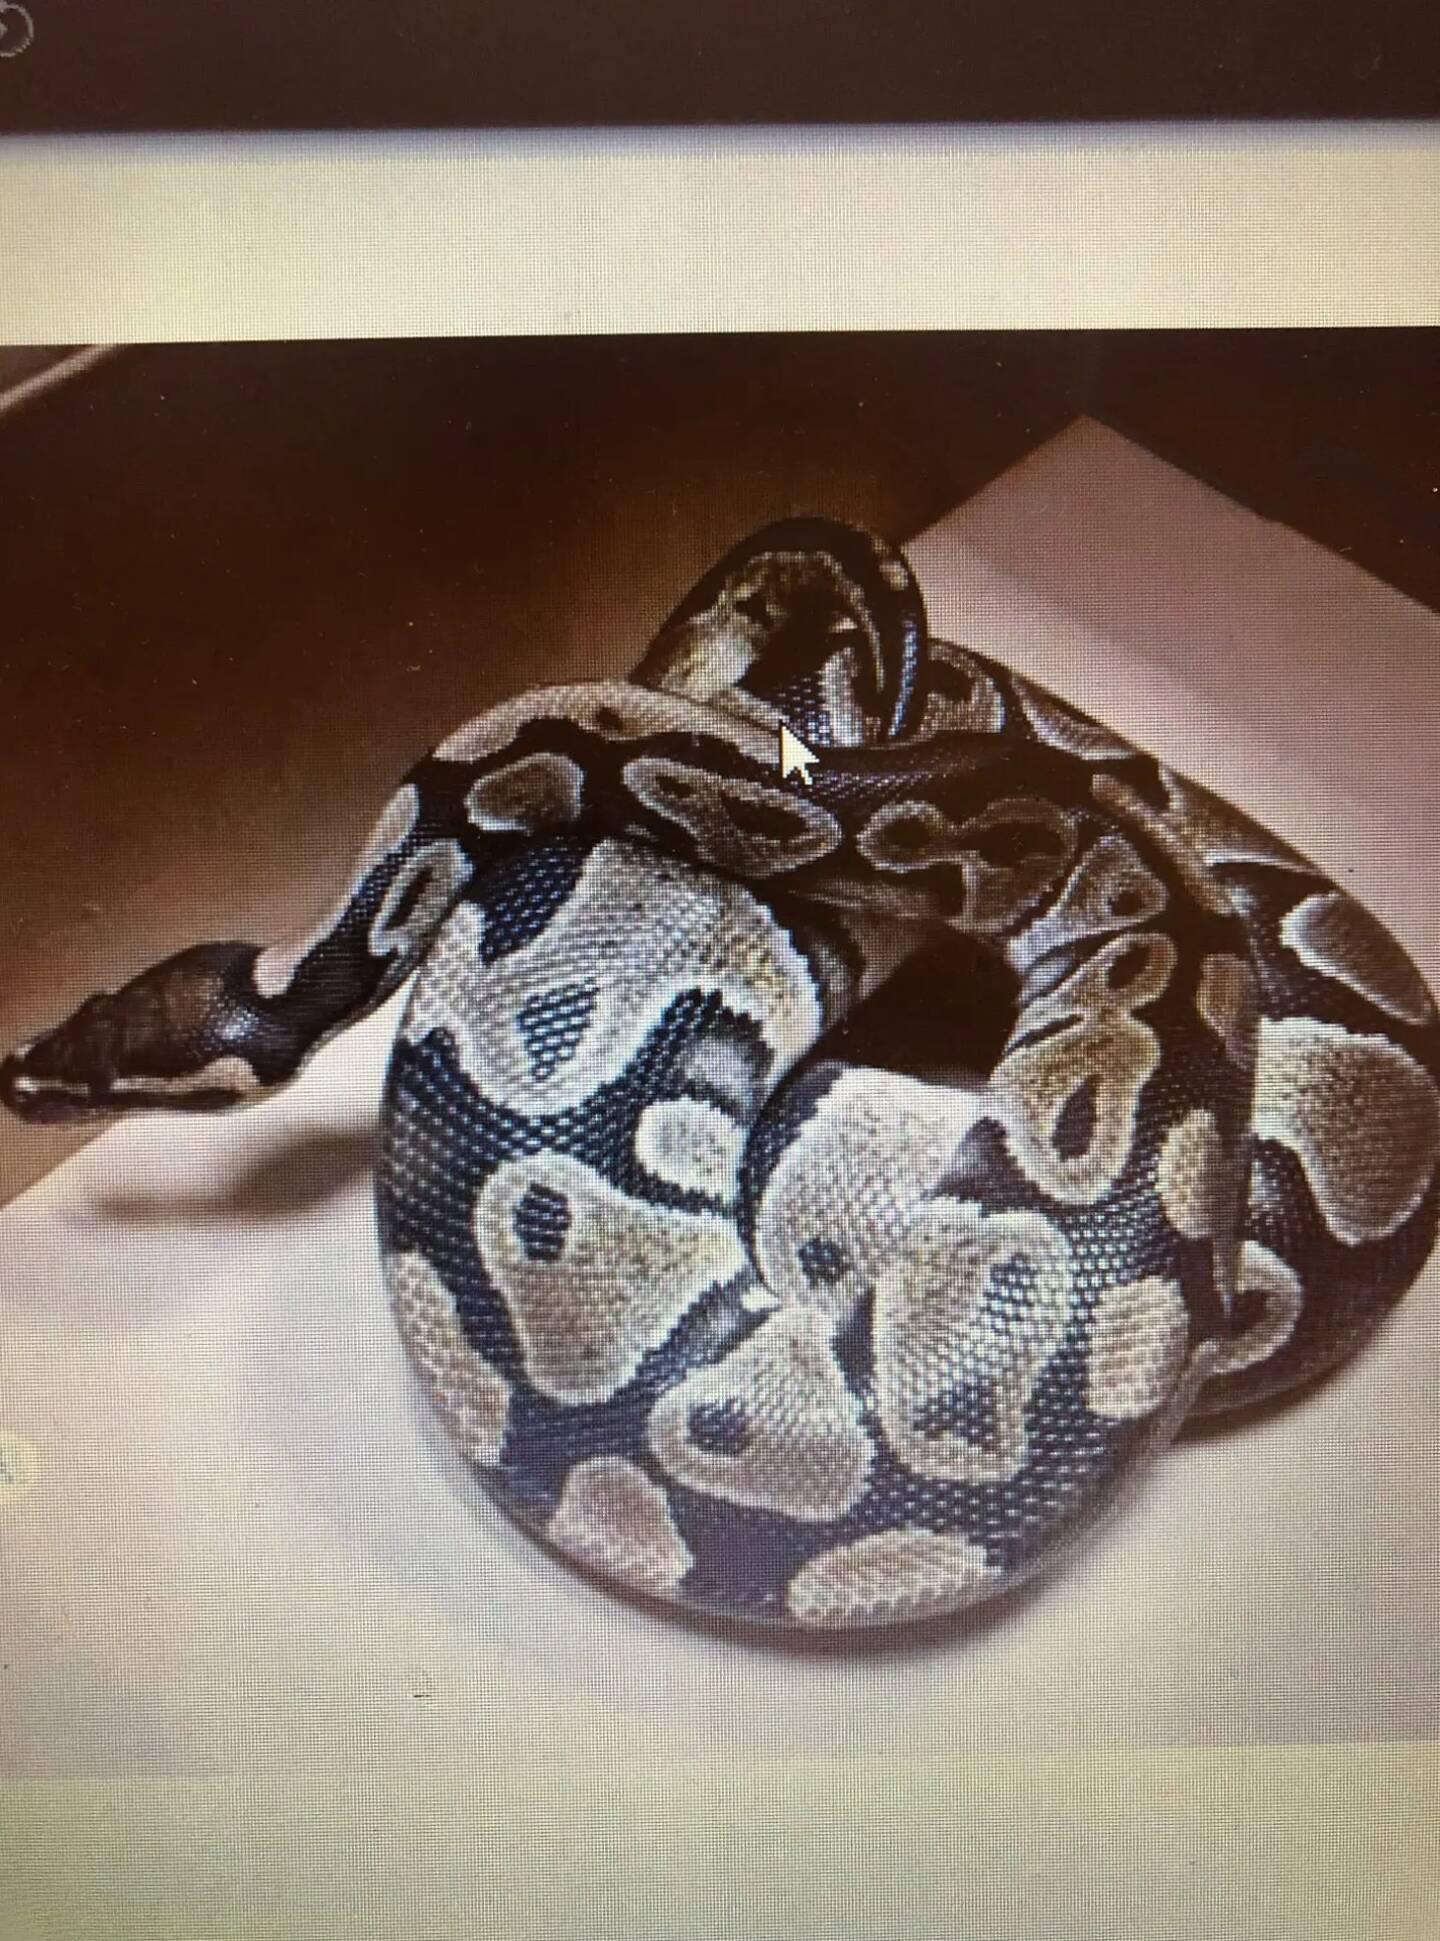 Le python retrouvé dans la sacoche de l'un des fuyards.